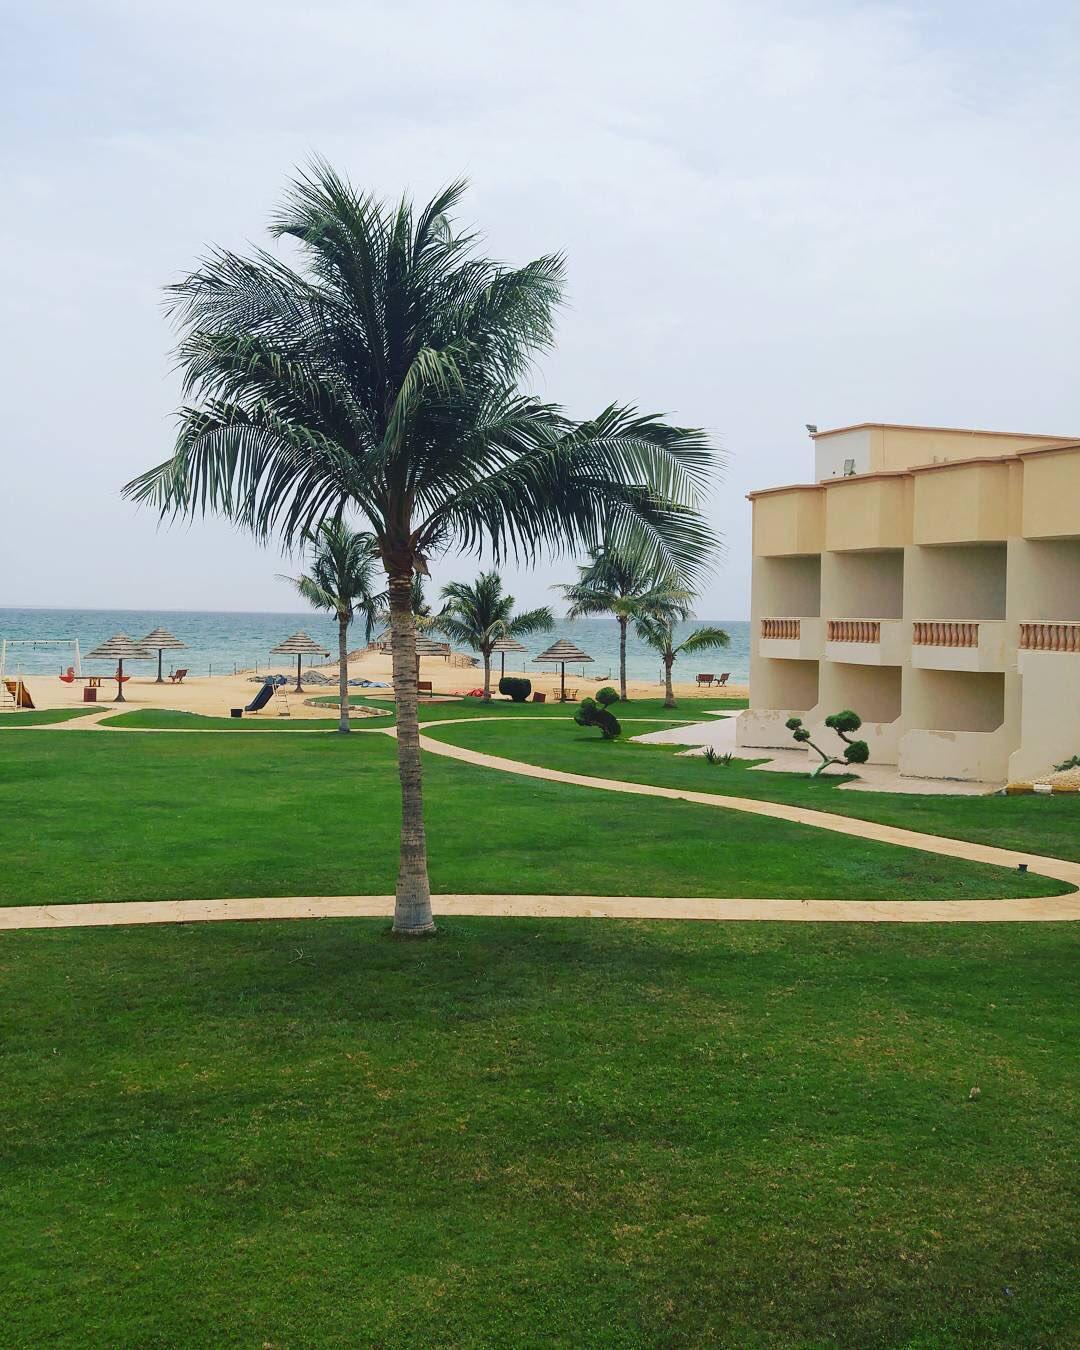 غيمة جنوبية Su Twitter إطلالة من منتجع كورال فرسان على شاطئ الغدير بجزيرة فرسان